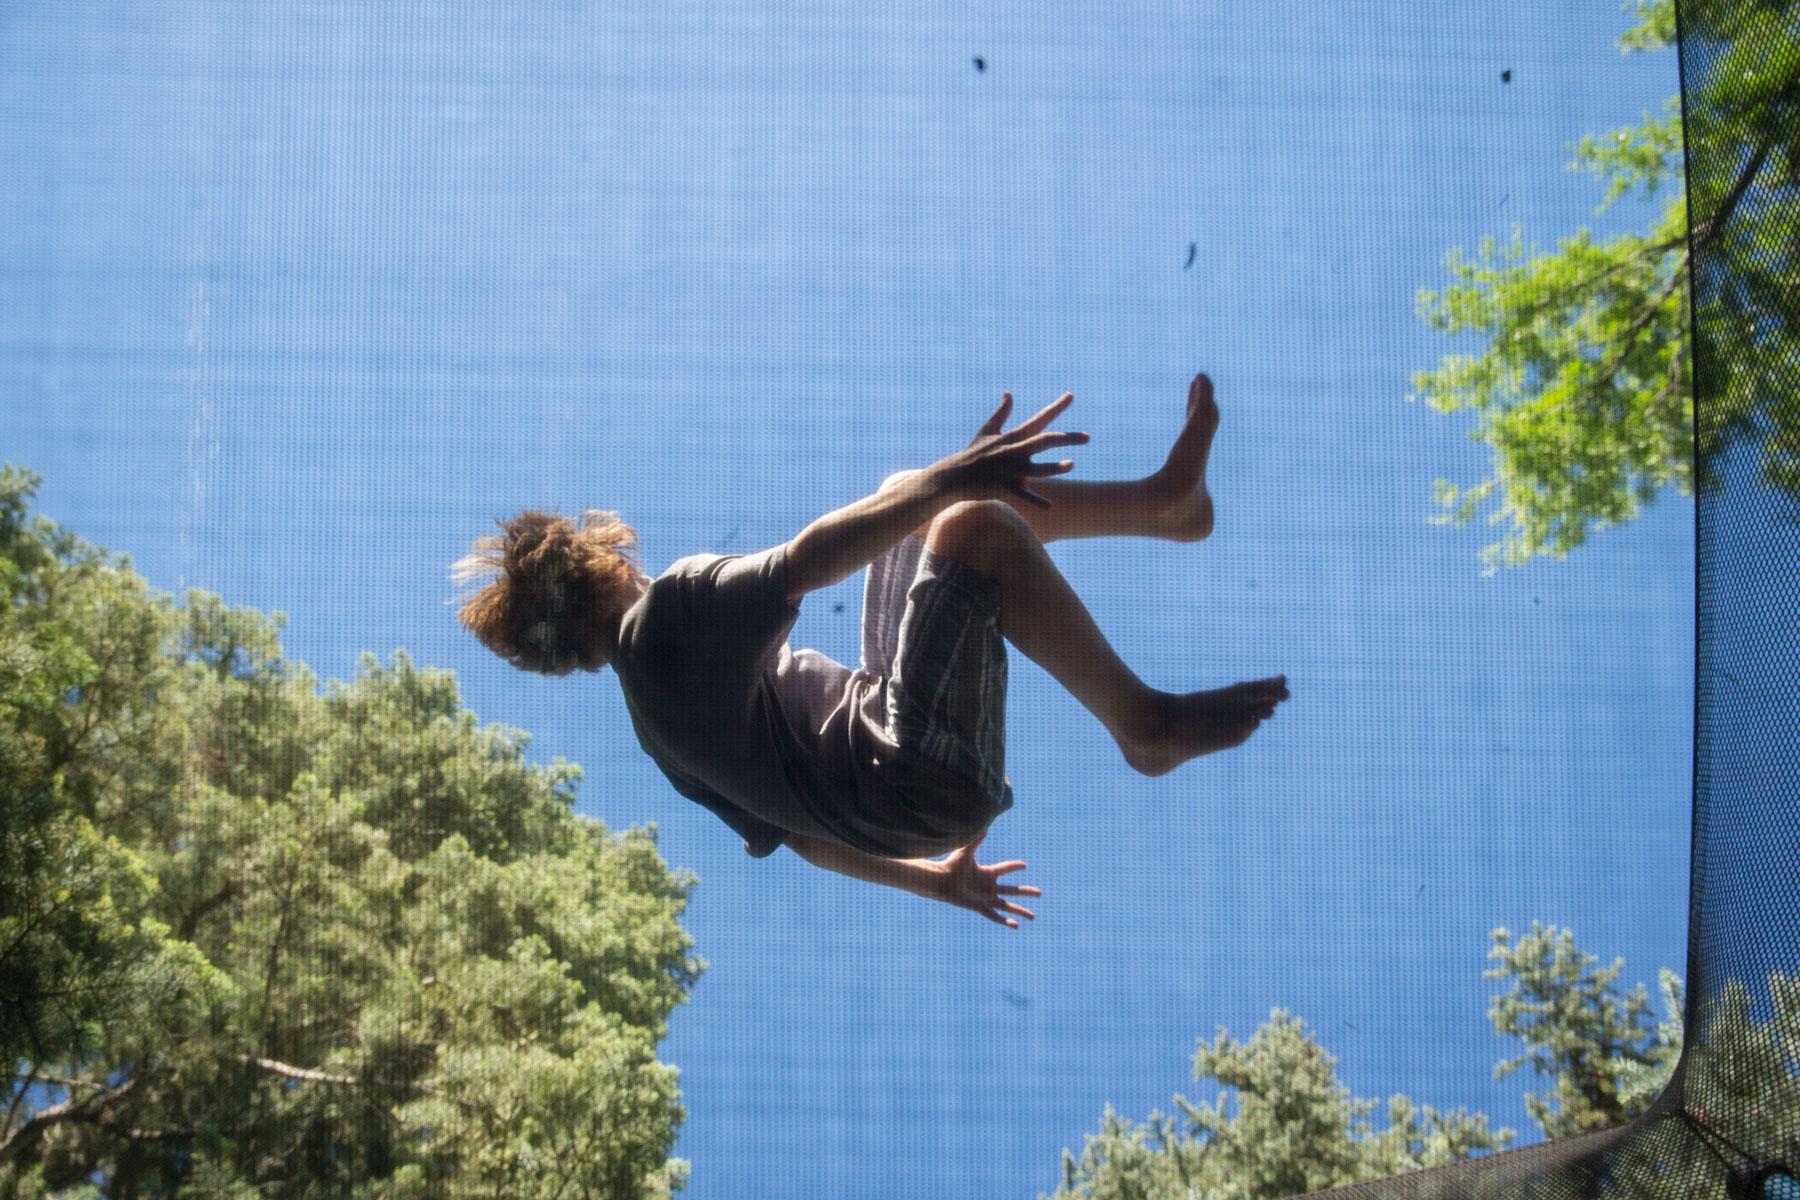 Trampoline_Jumping_George_Lange_Kids.jpg